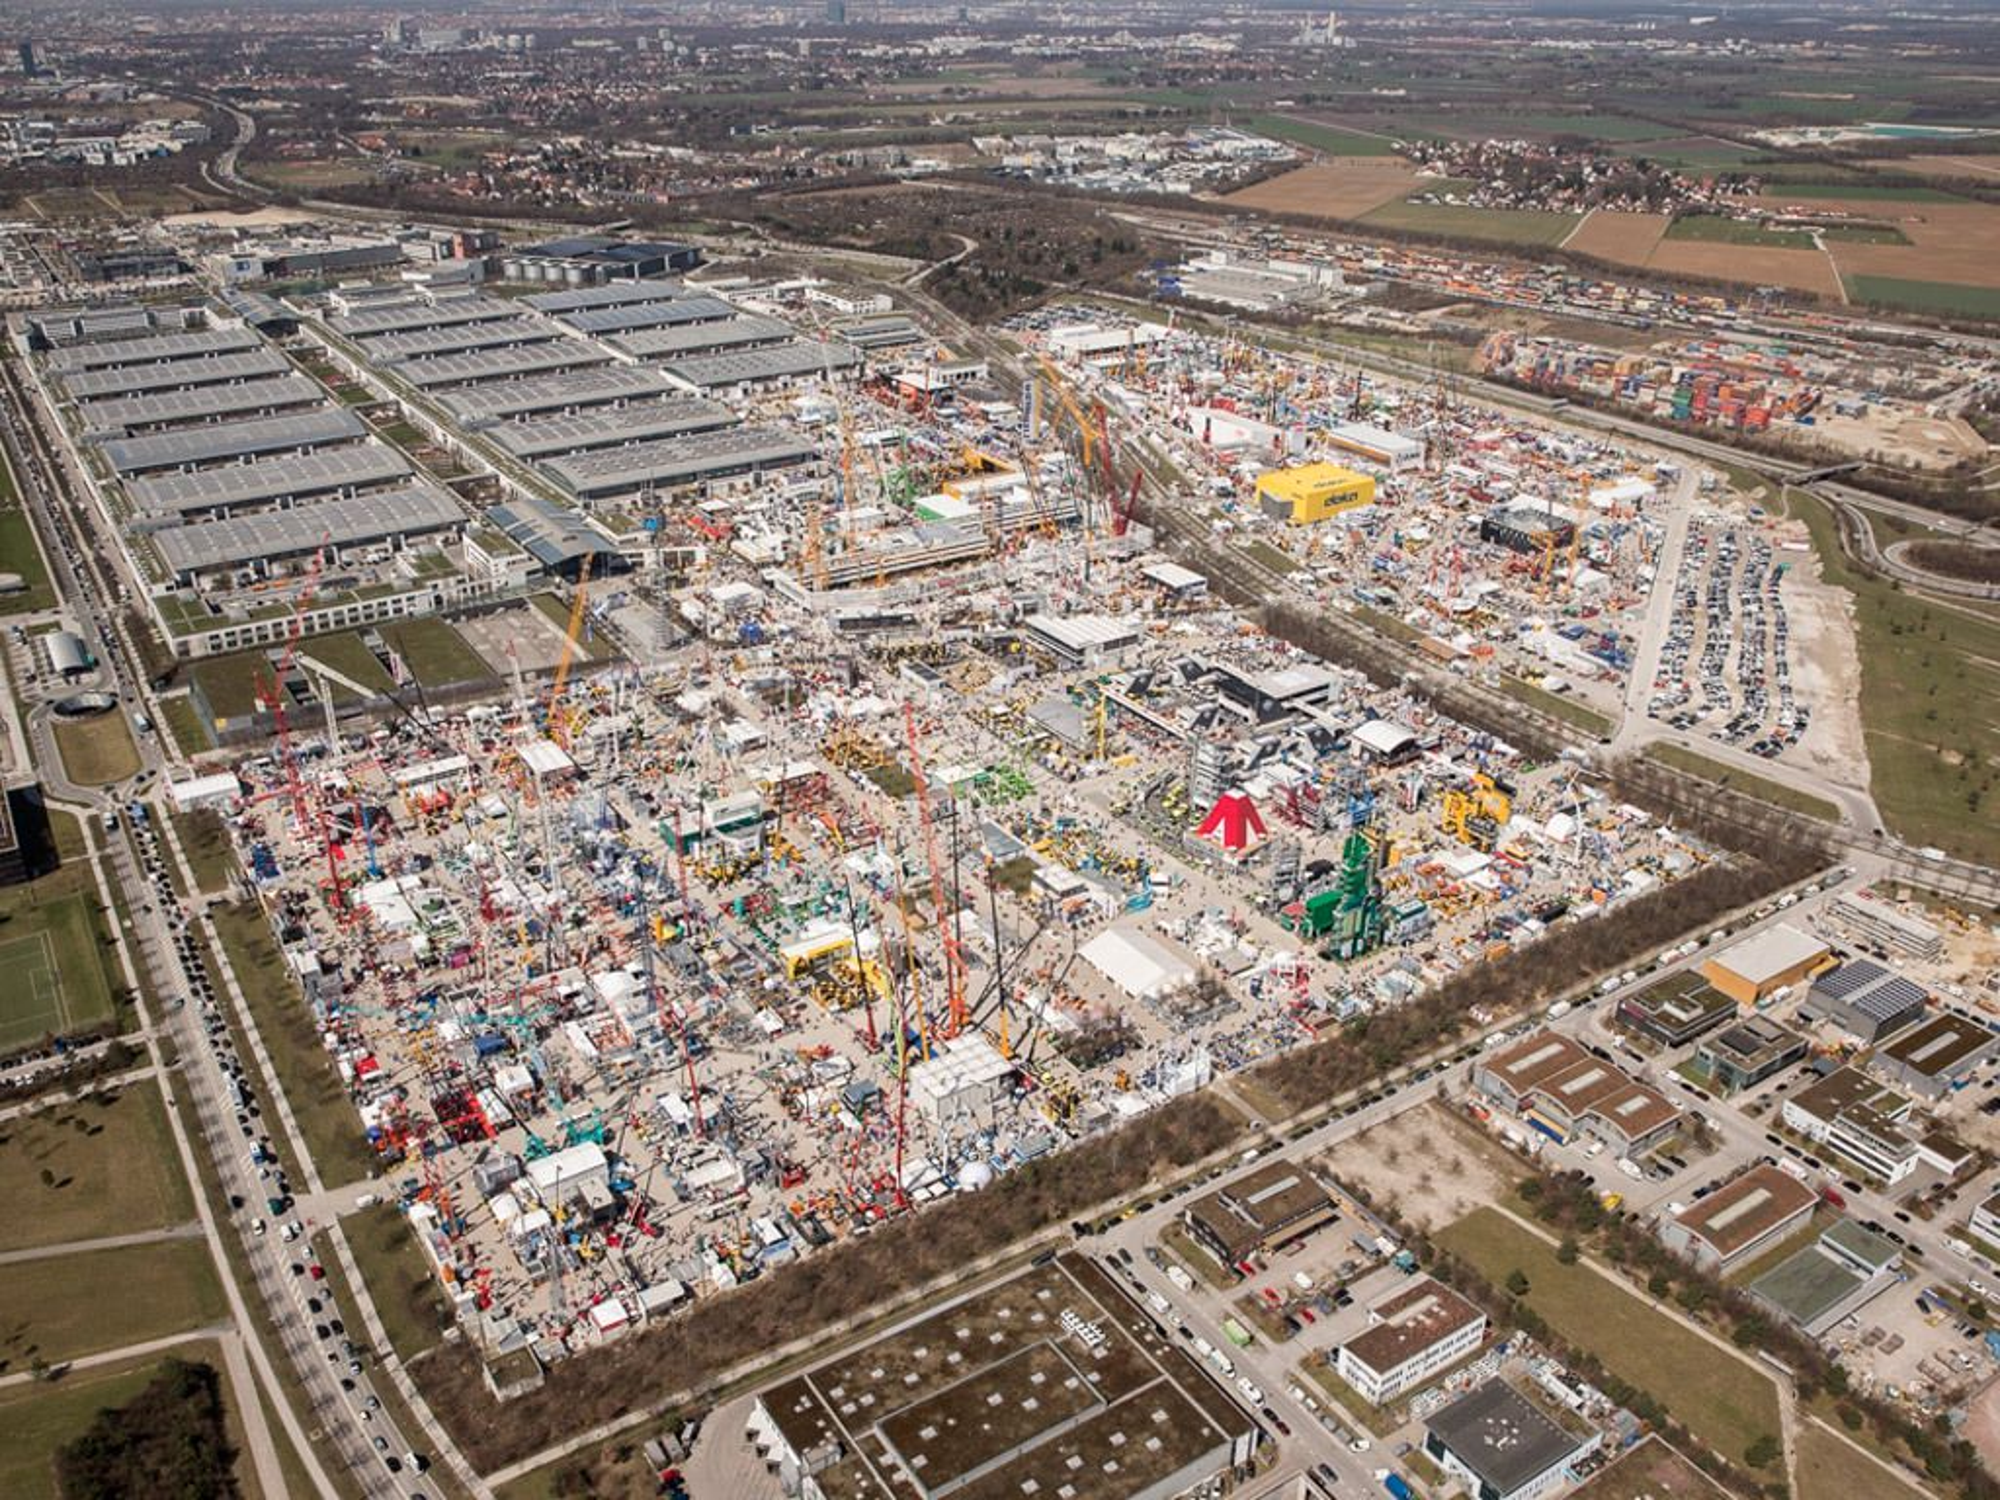 efdd353158a Utstillingsområdet ligger på den gamle flyplassen til München og er enormt  stort. Ta med gode sko om du skal nedover.